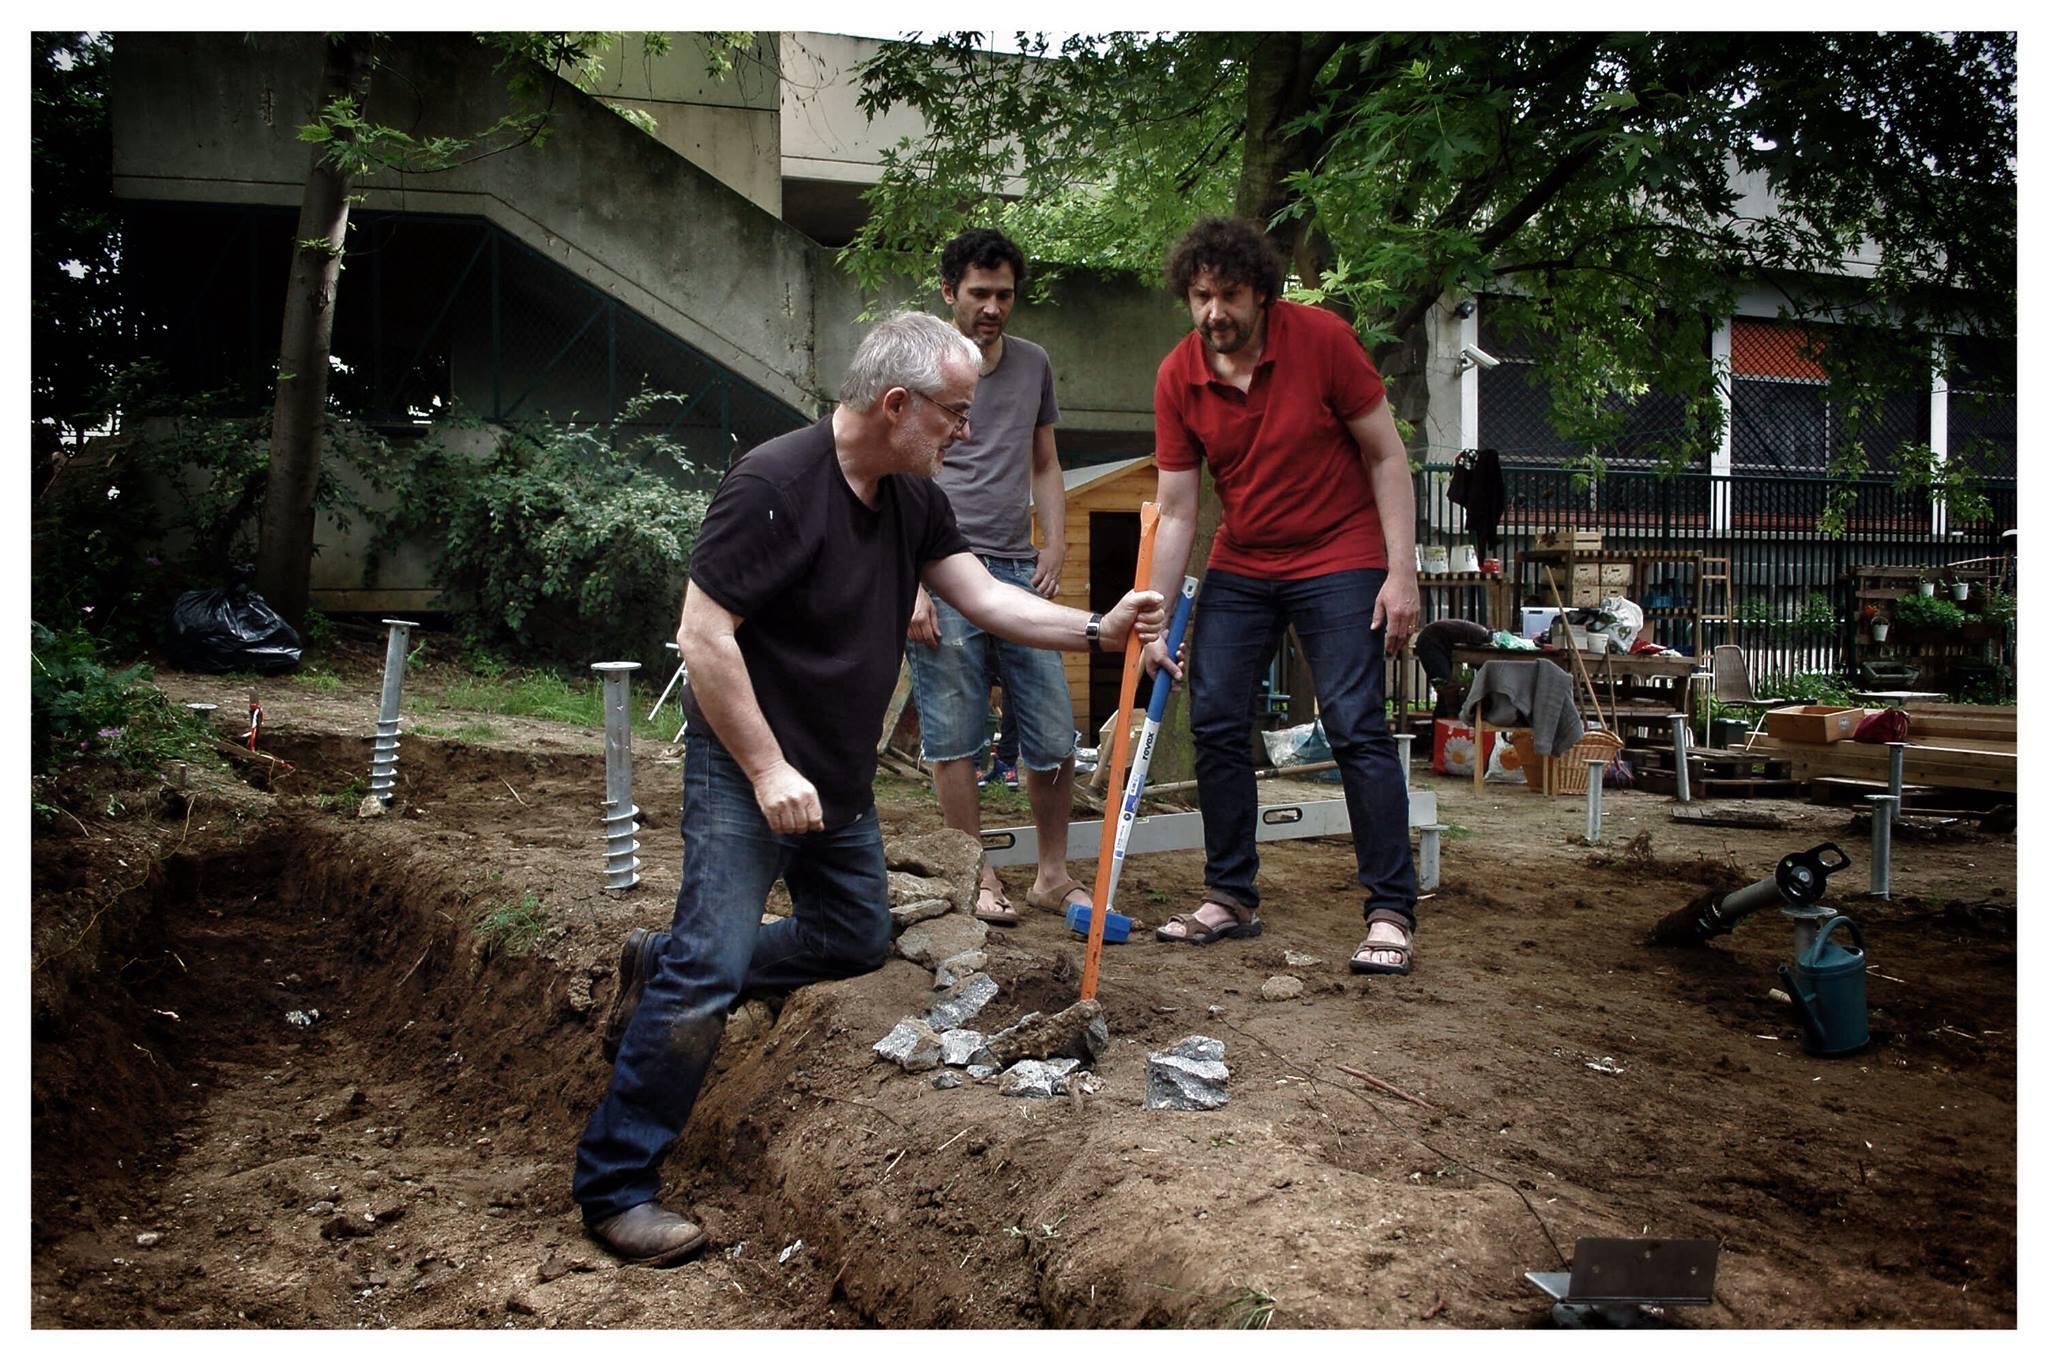 YA+K - yaplusk - Baleine Verte - chantier participatif à Paris 12ème (7)